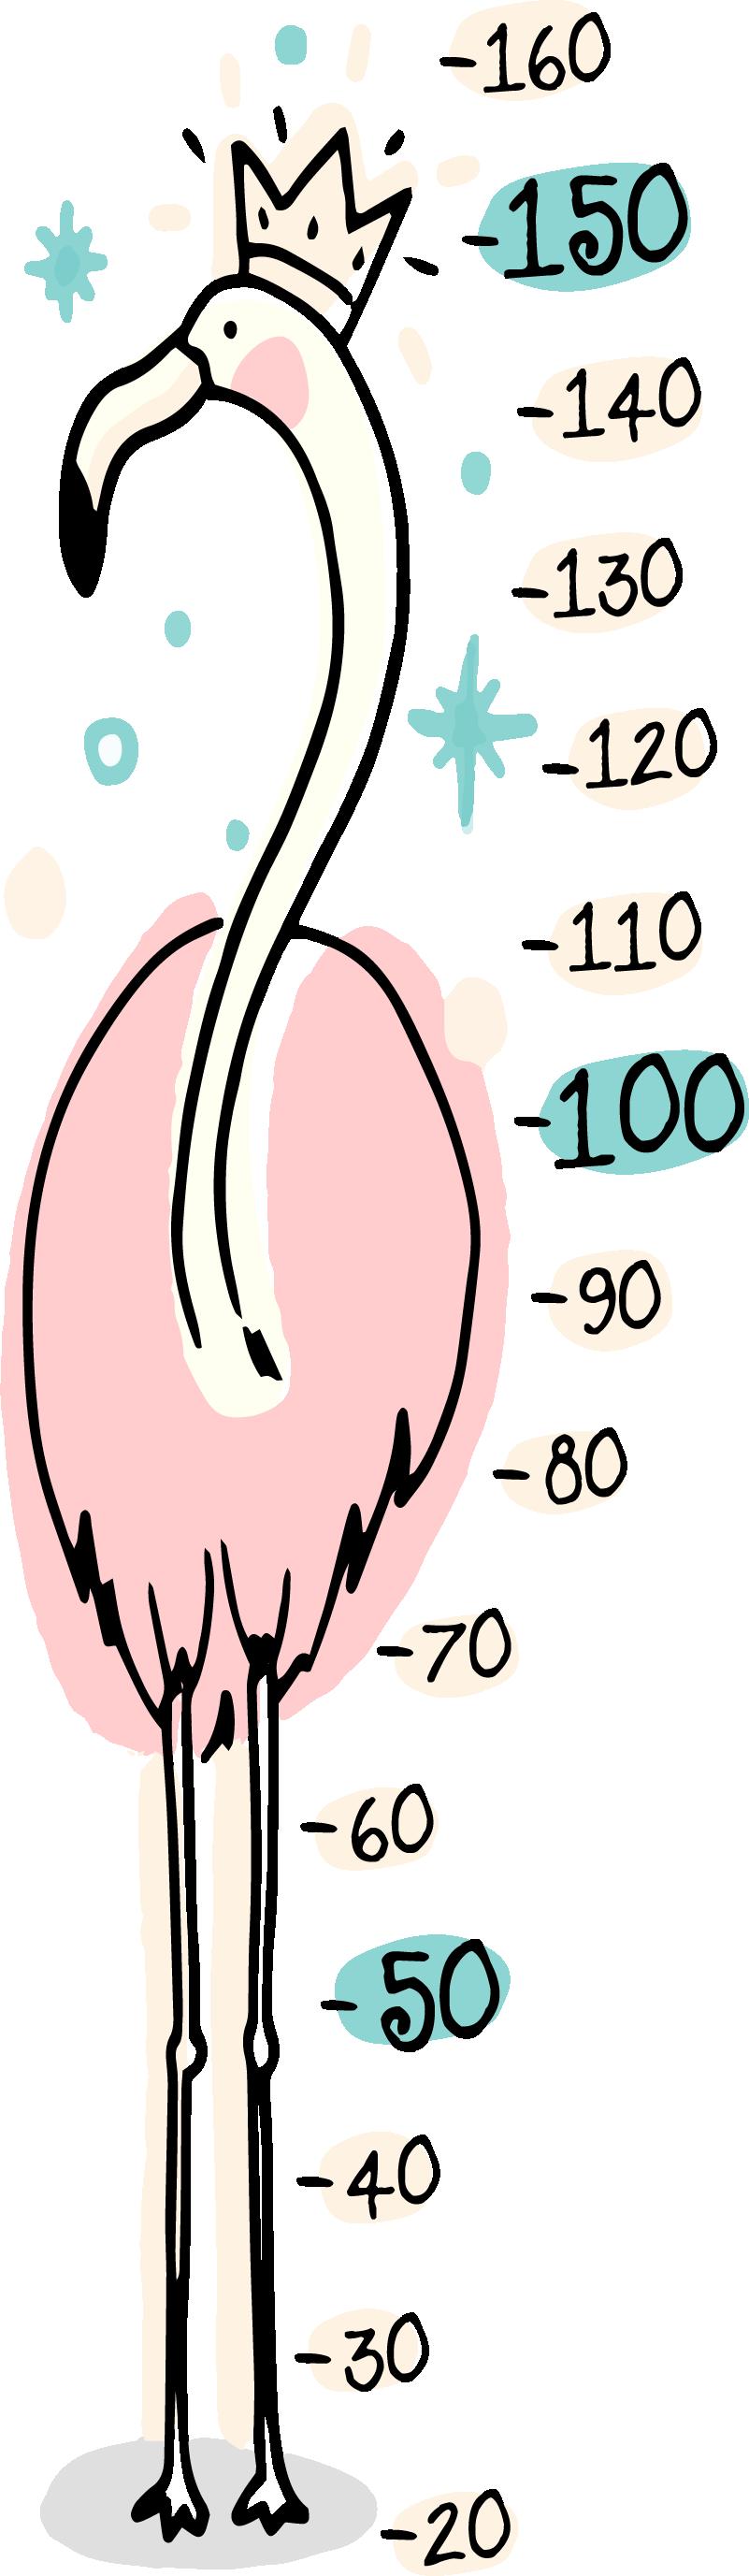 TenStickers. Pink flamingo væg klistermærker til barn. Vinyl væg klistermærke til at holde trit med din kids vækst. Let og hurtigt at anvende.